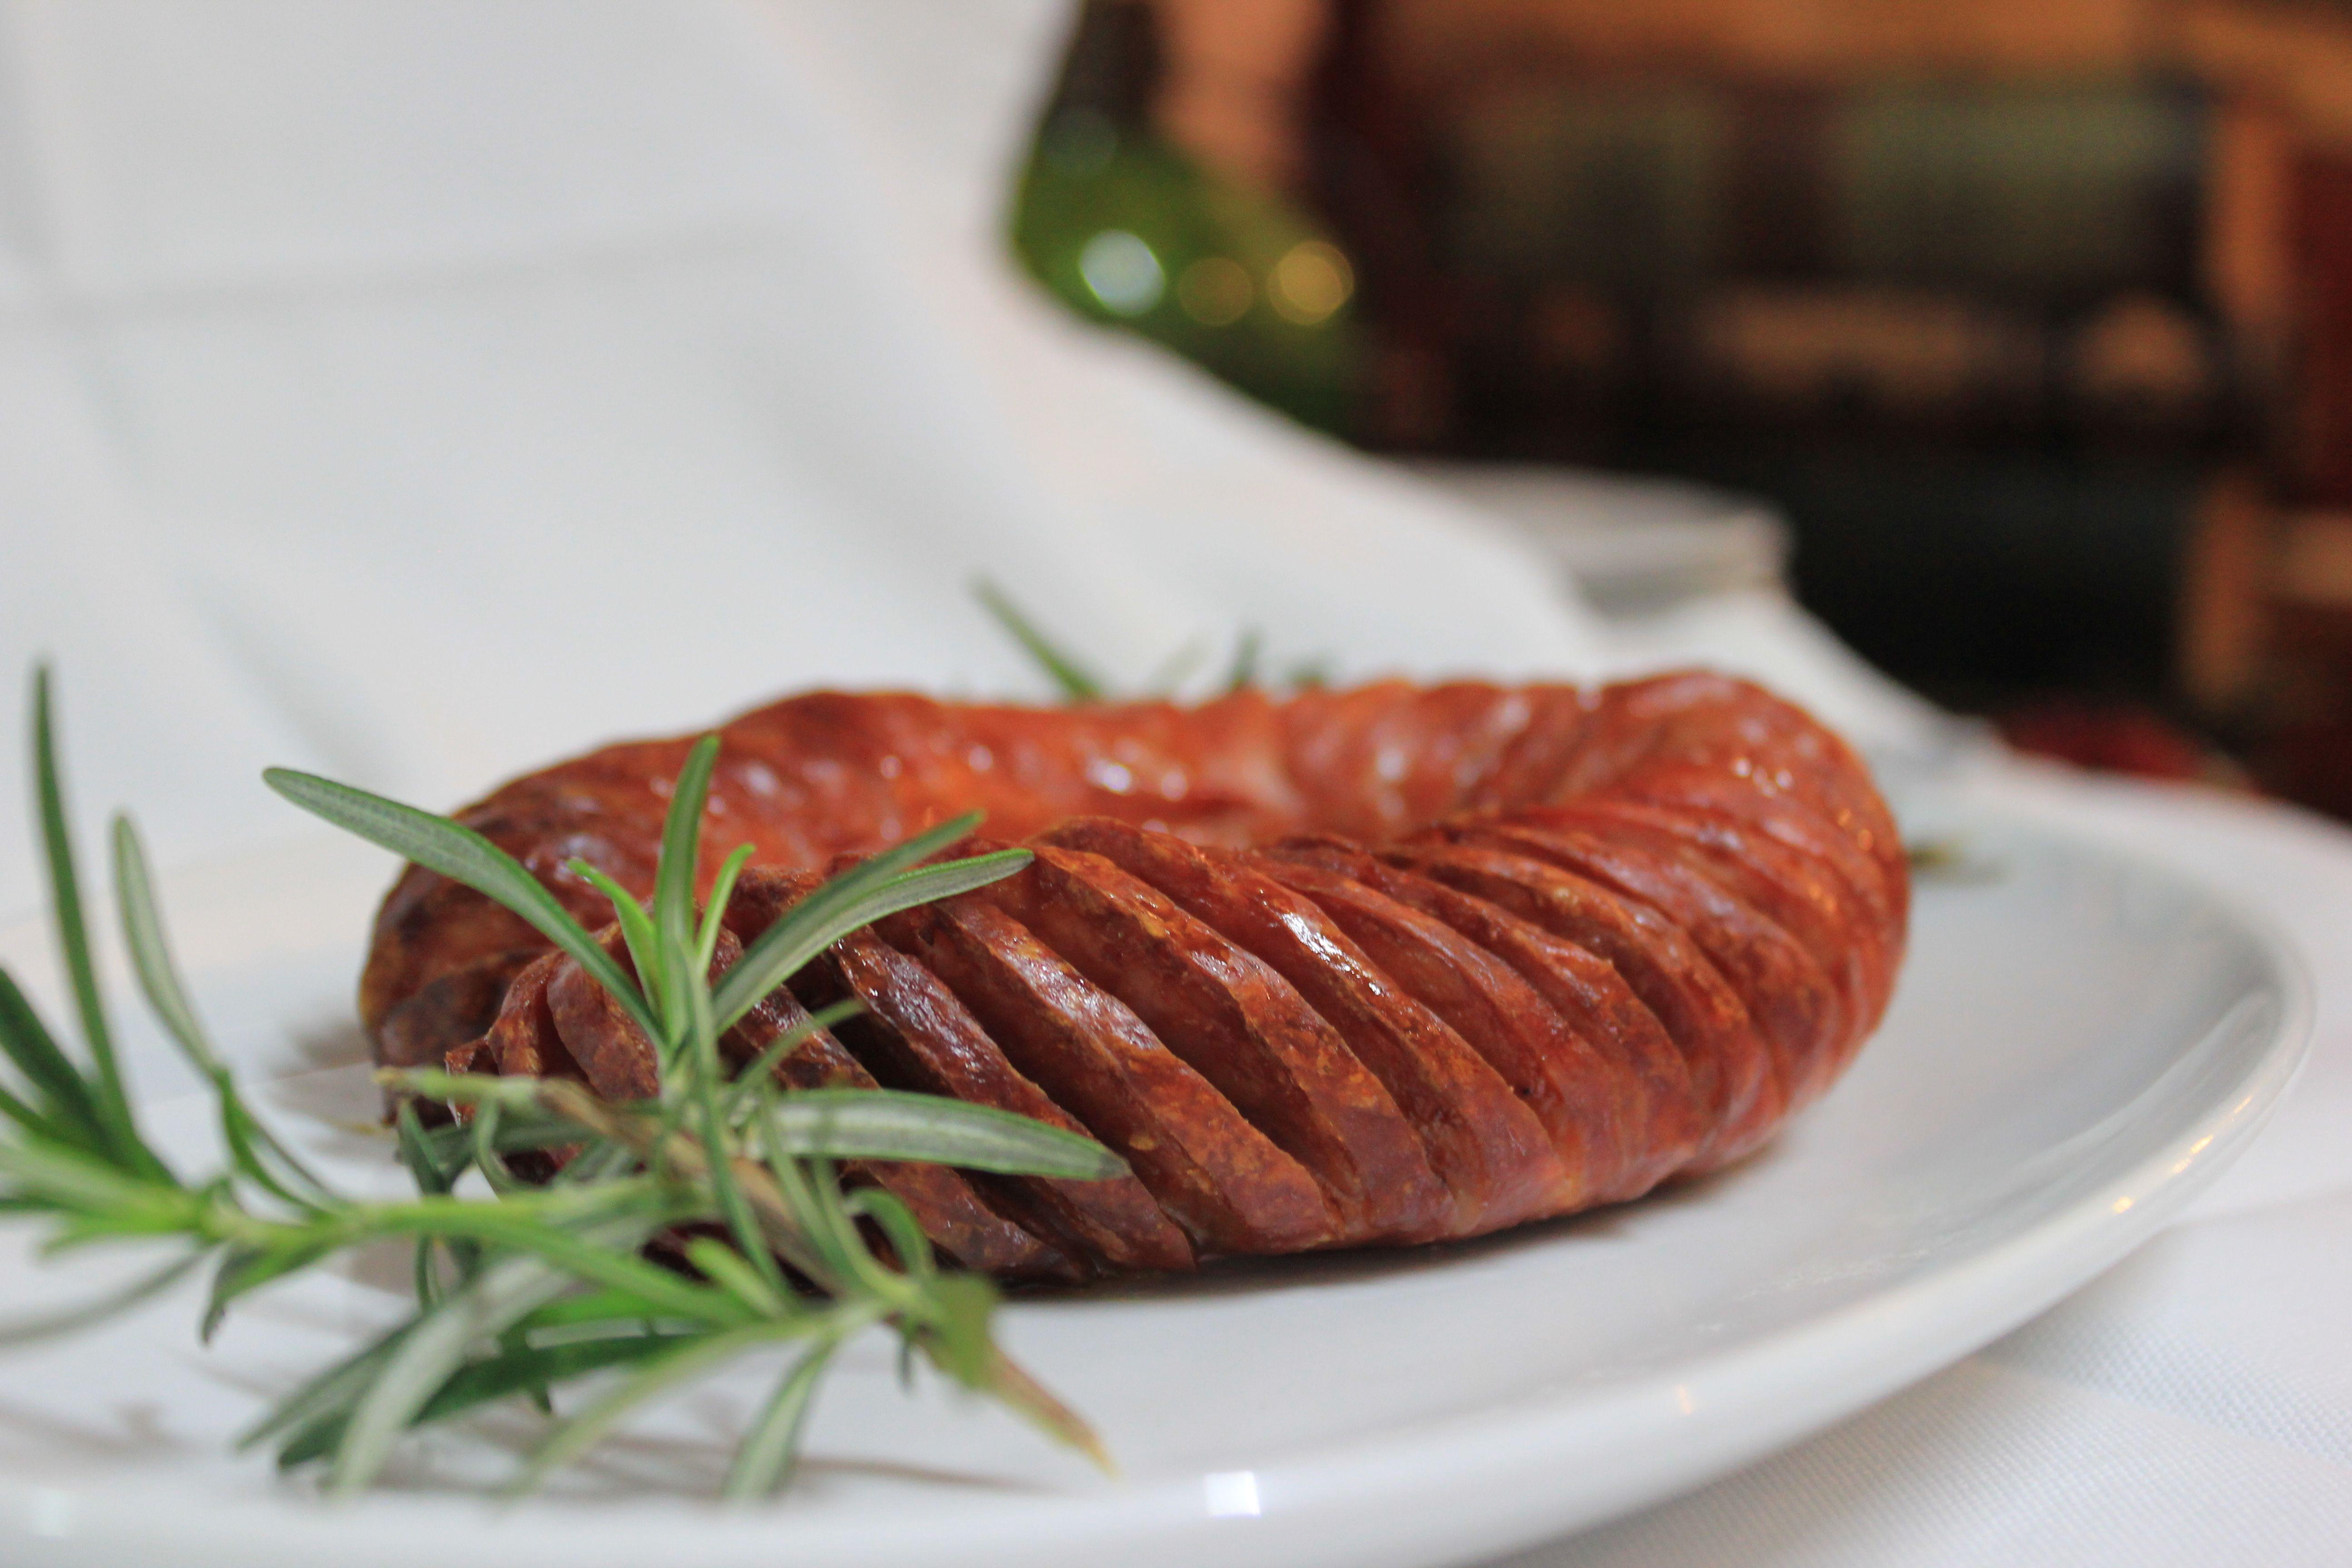 Chourico Assado Roasted Stuffed Sausage